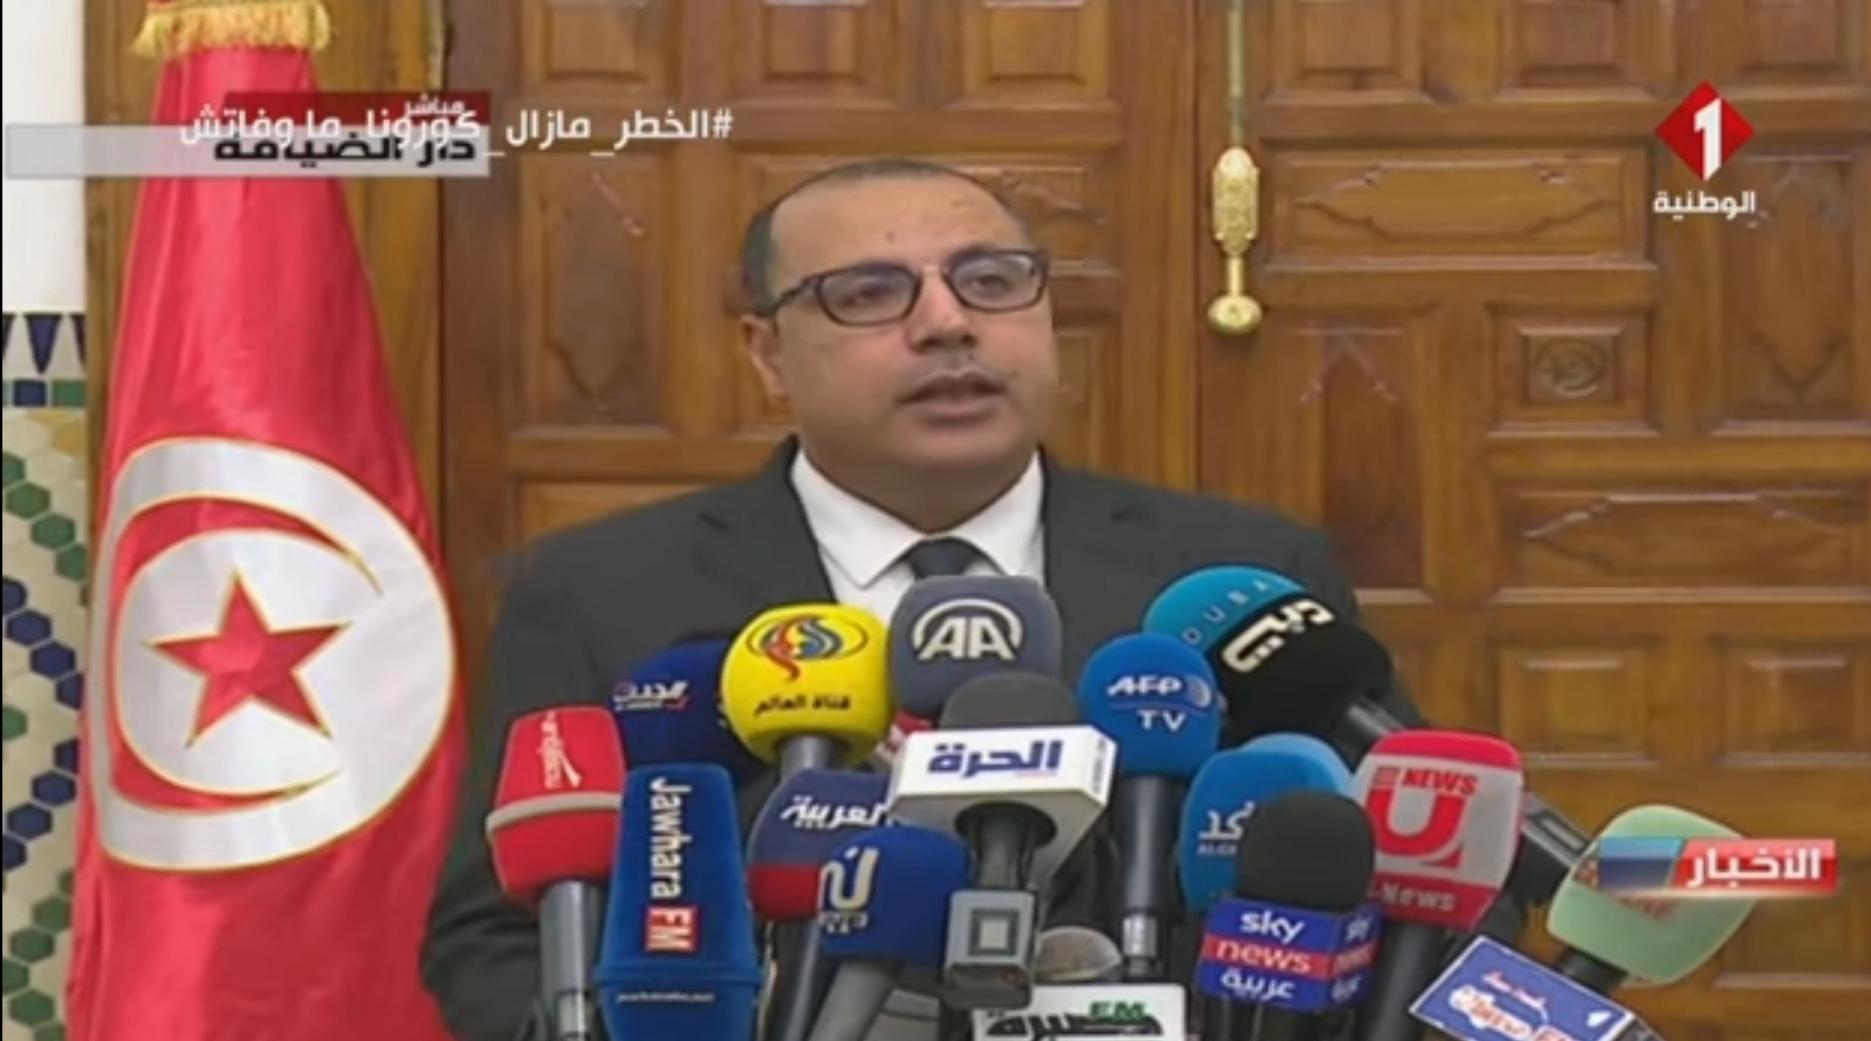 المشيشي يعلن عن تركيبة حكومة كفاءات مستقلة